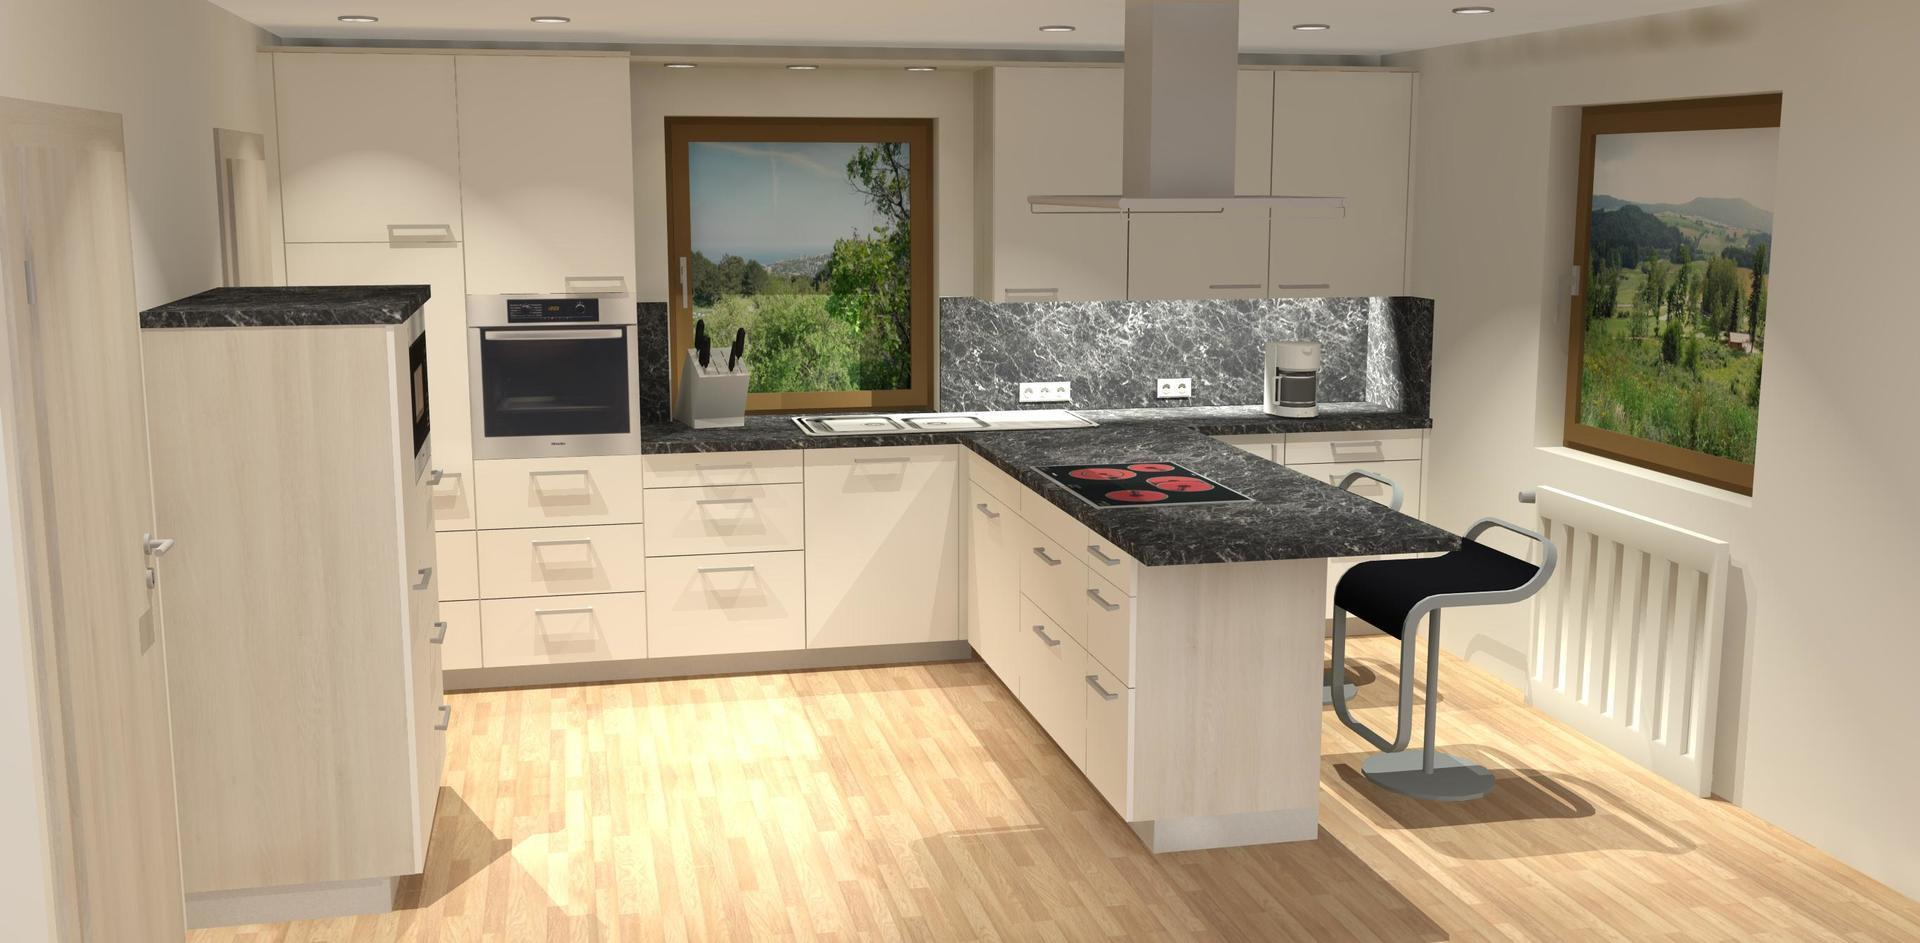 Küche - Wohnwelten  Nordic Design Tischlerei GmbH - Greifswald